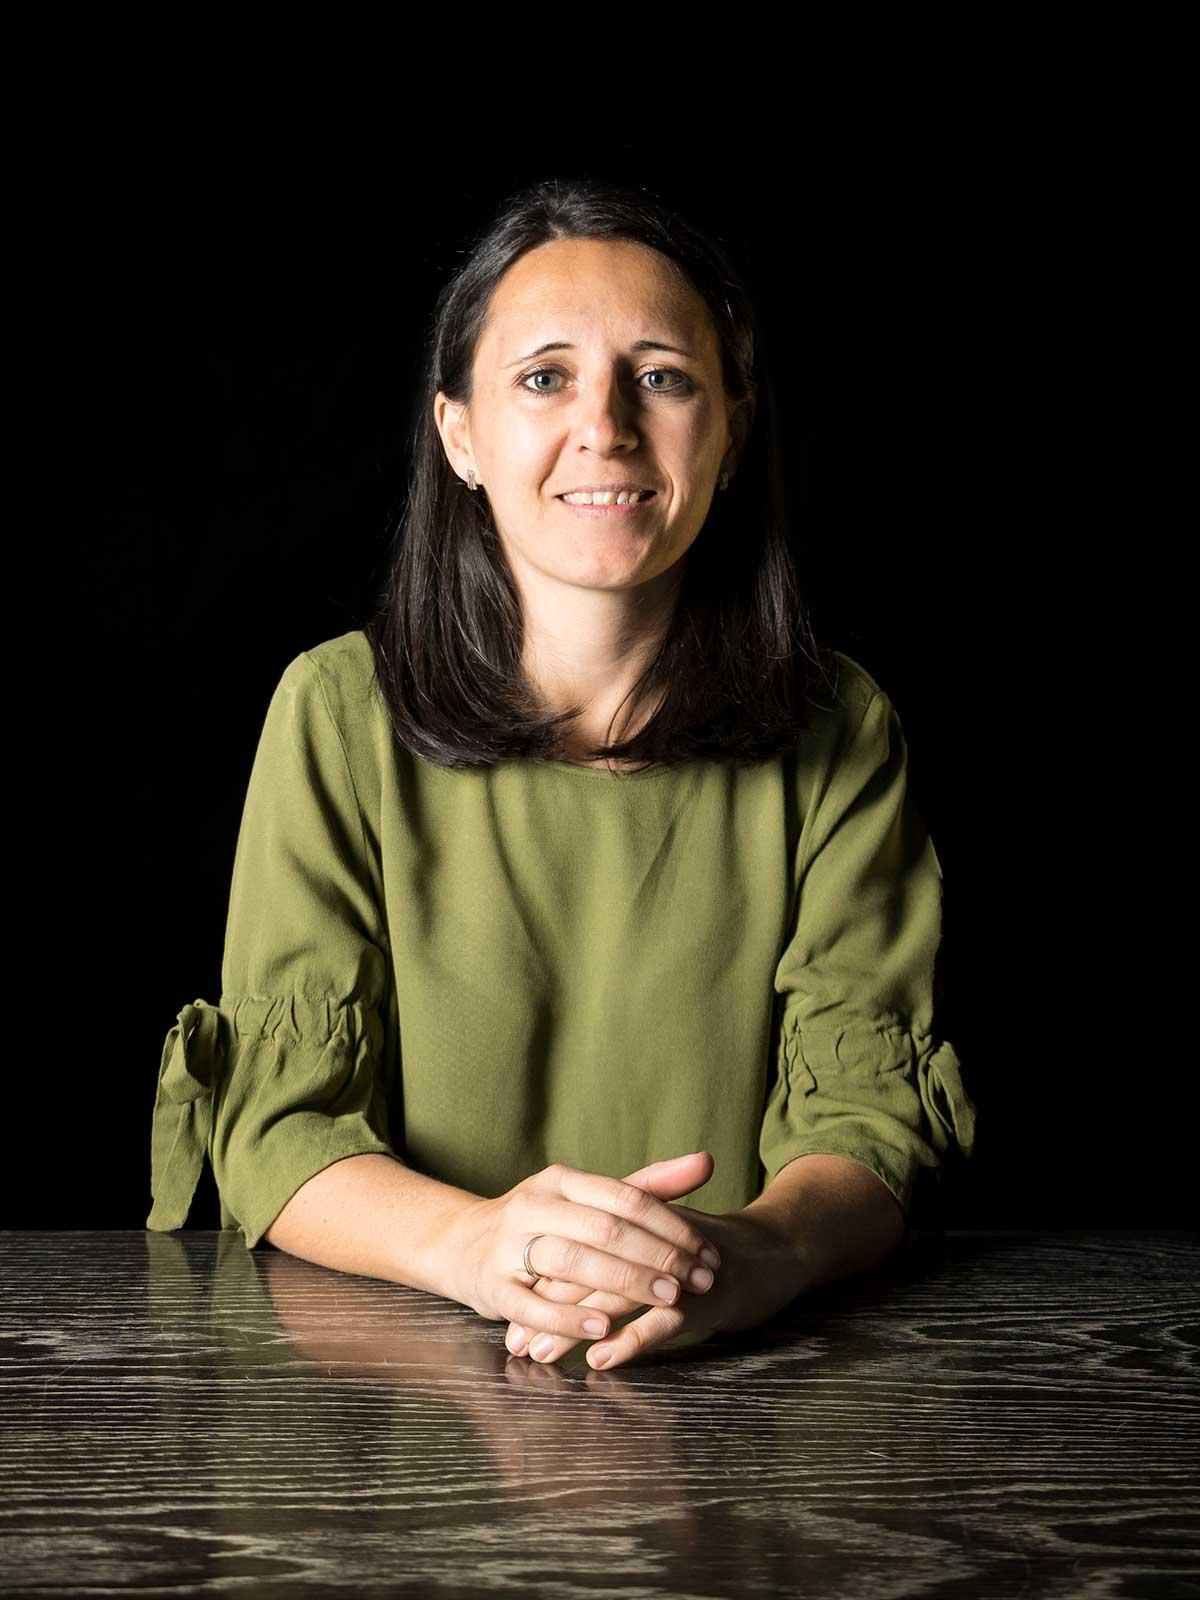 Barbara Blatter, medienproduktion, polygraf, avd goldach ag